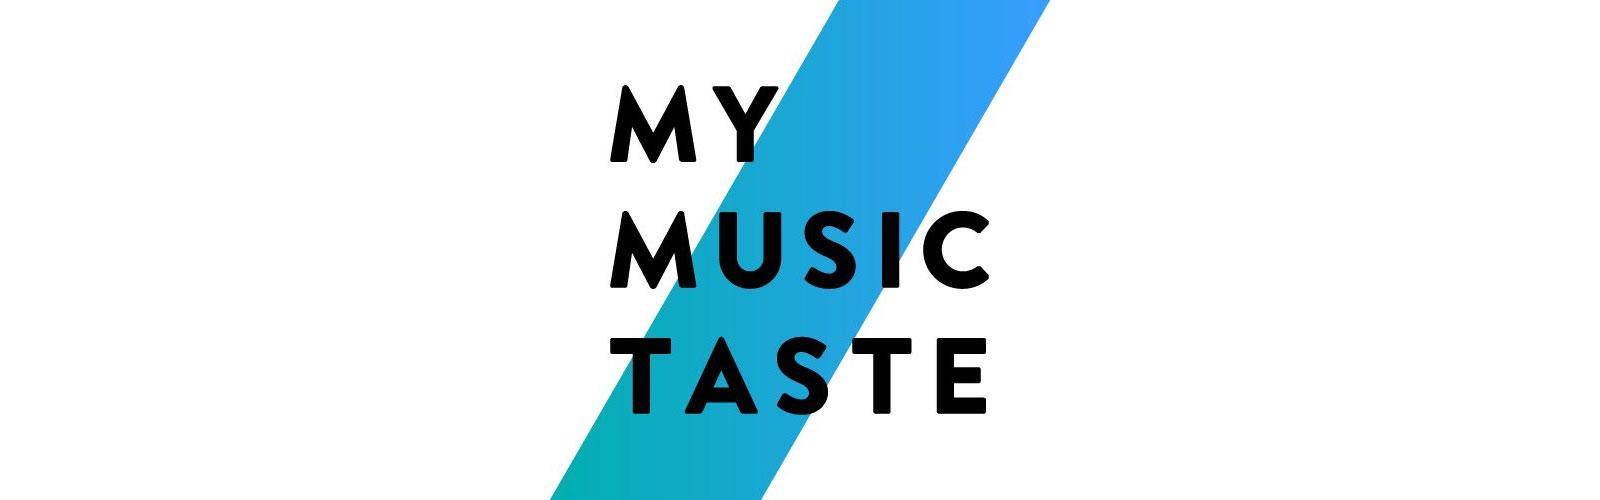 MyMusicTaste